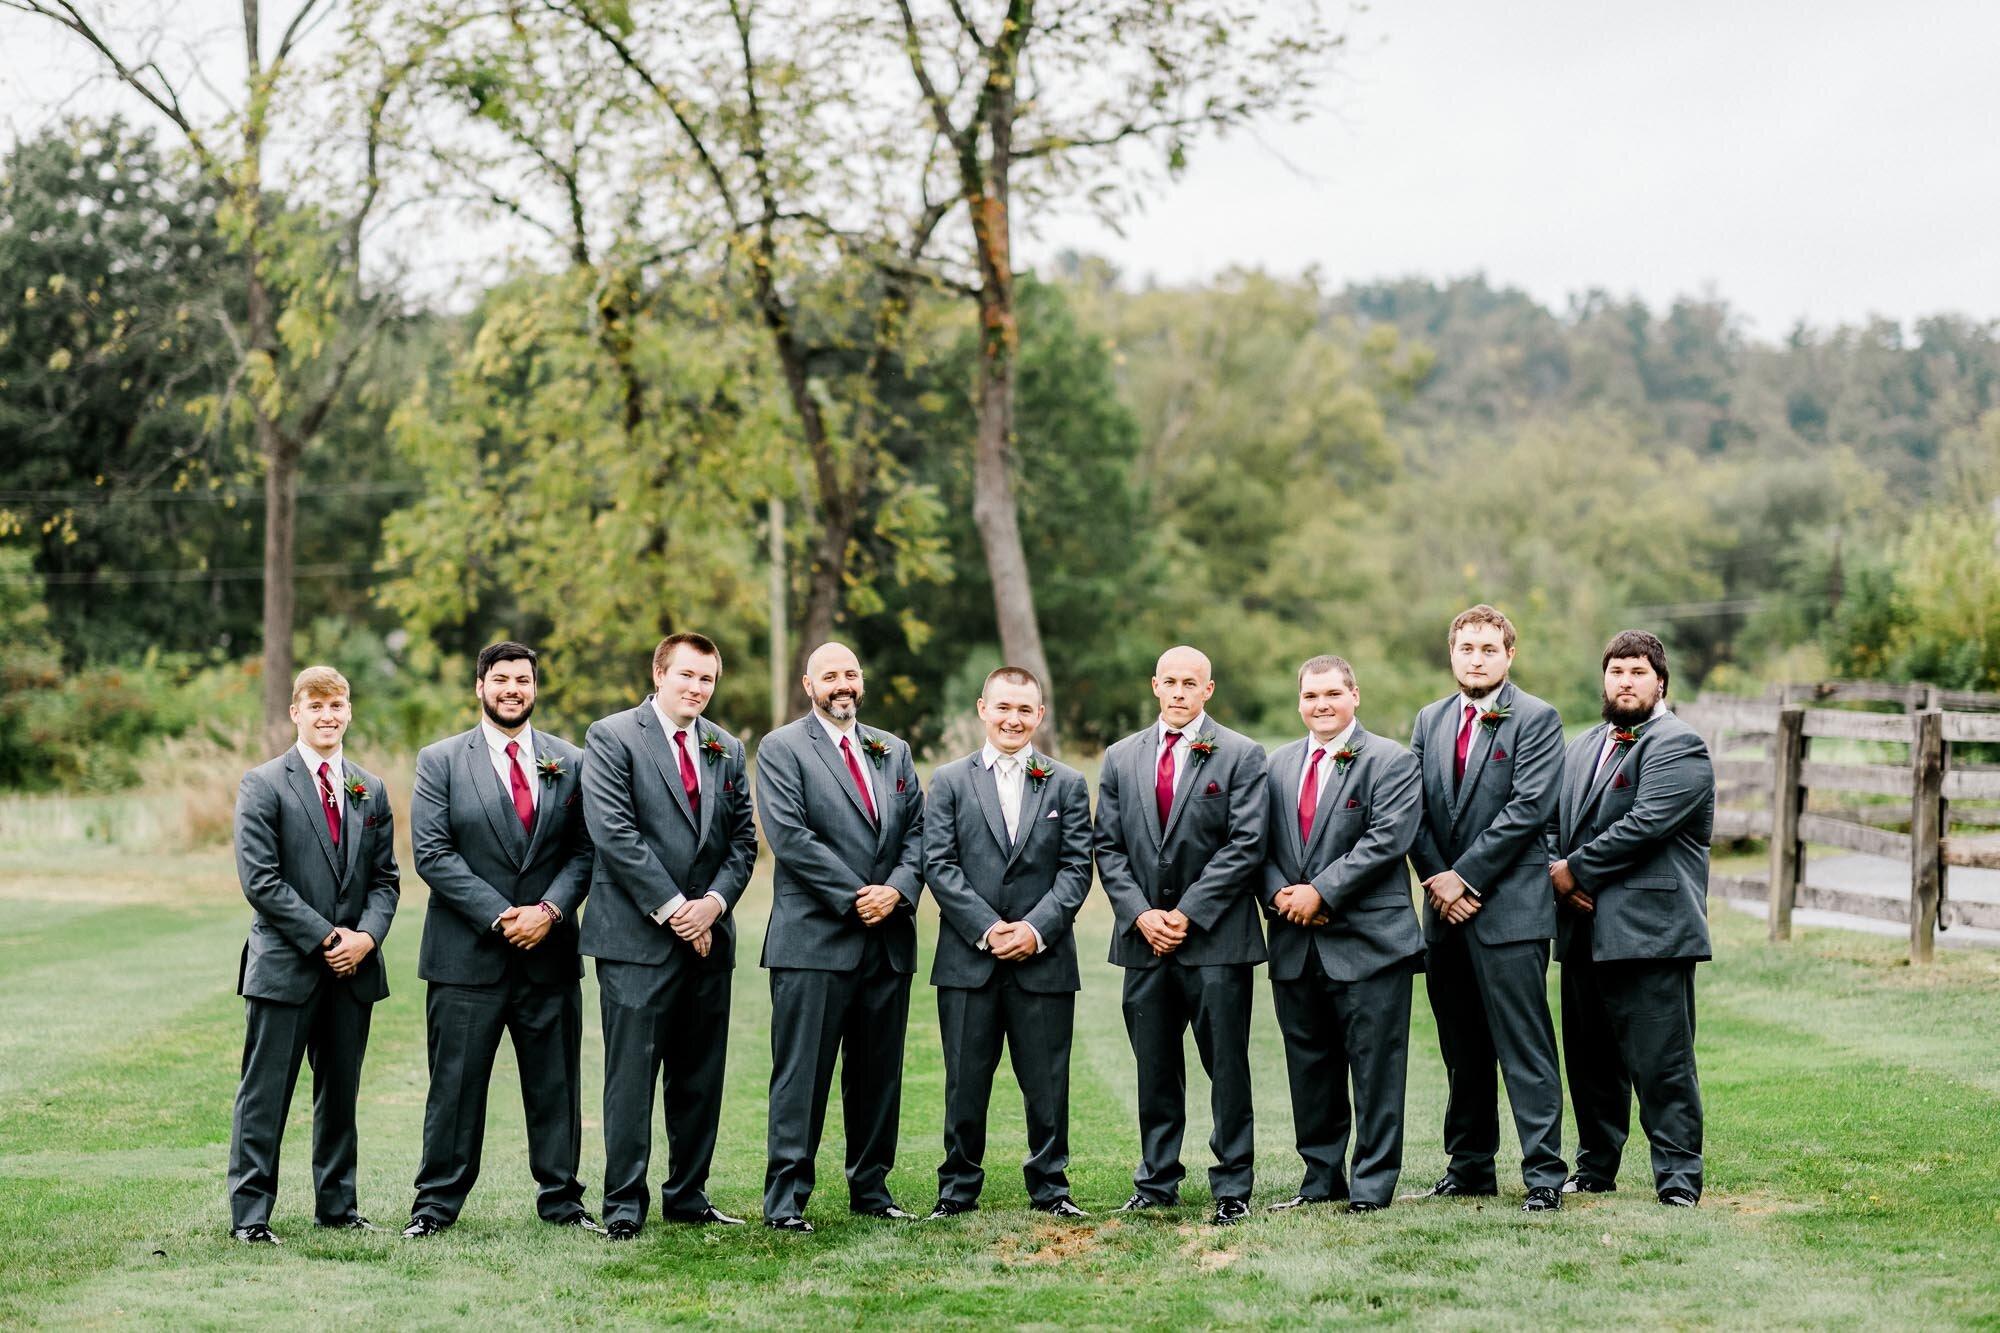 links-hemlock-creek-bloomsburg-wedding-3503.jpg